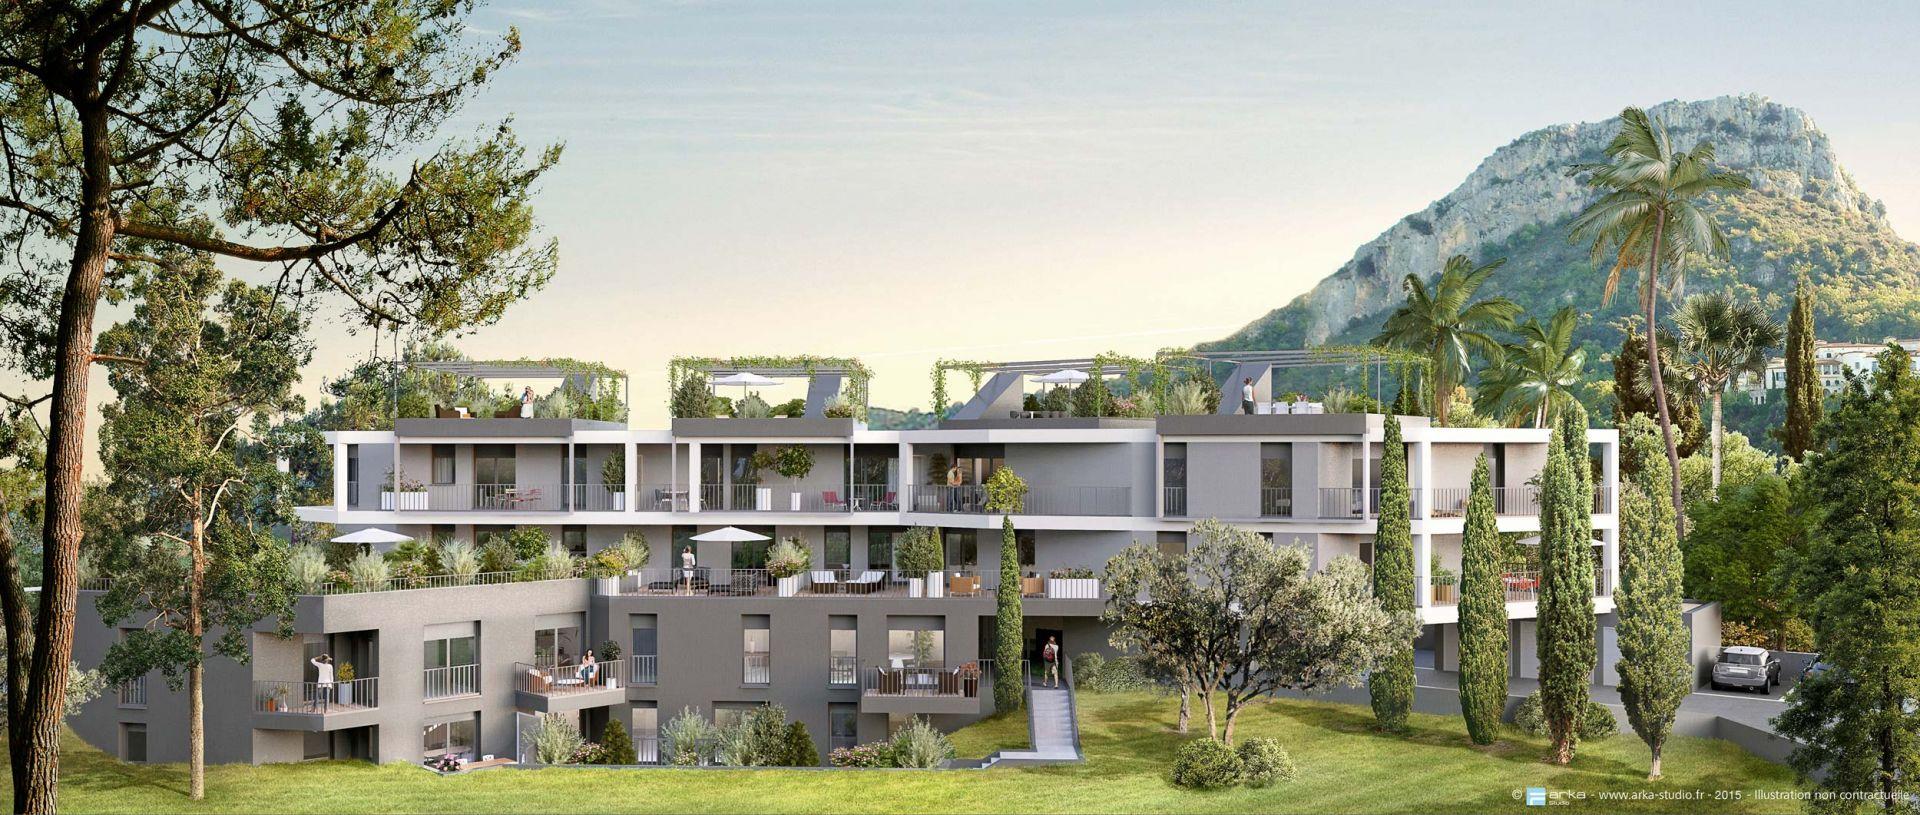 Les Terrasses De Clairefontaine Vence Alpes Maritimes Alm